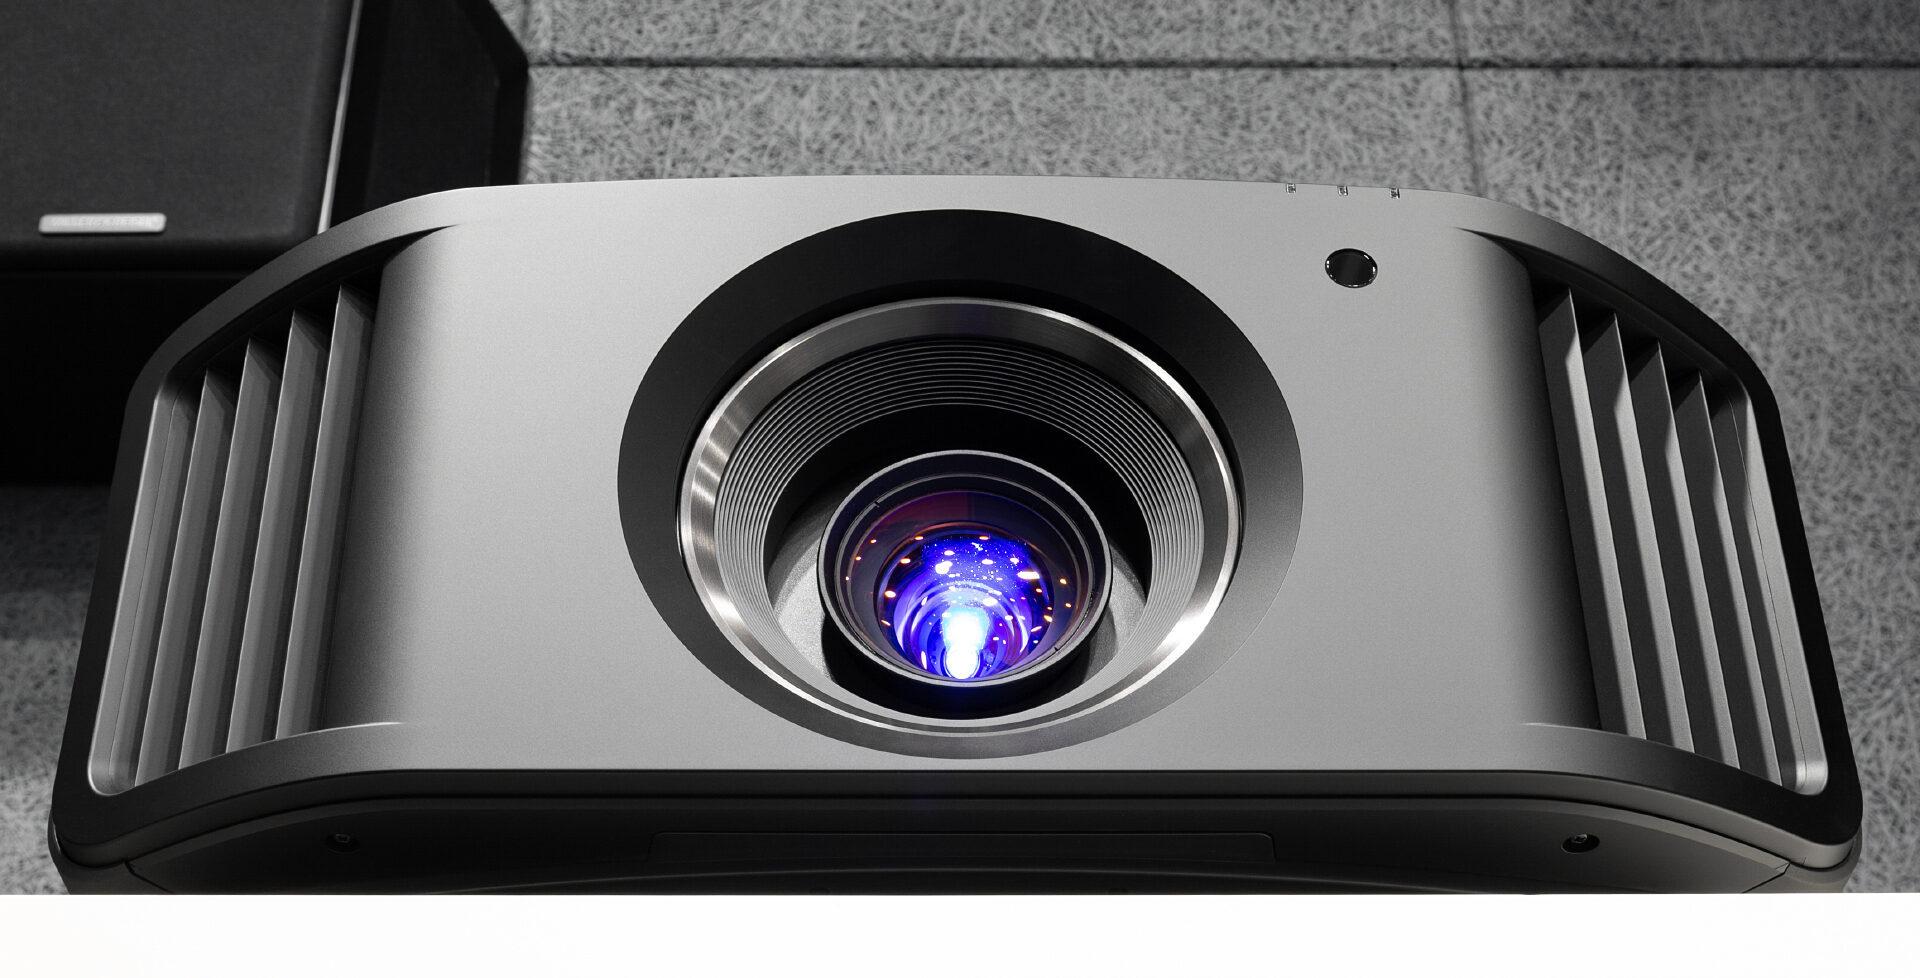 Тест D-ILA-проектора JVC DLA-NZ7: первый 8К